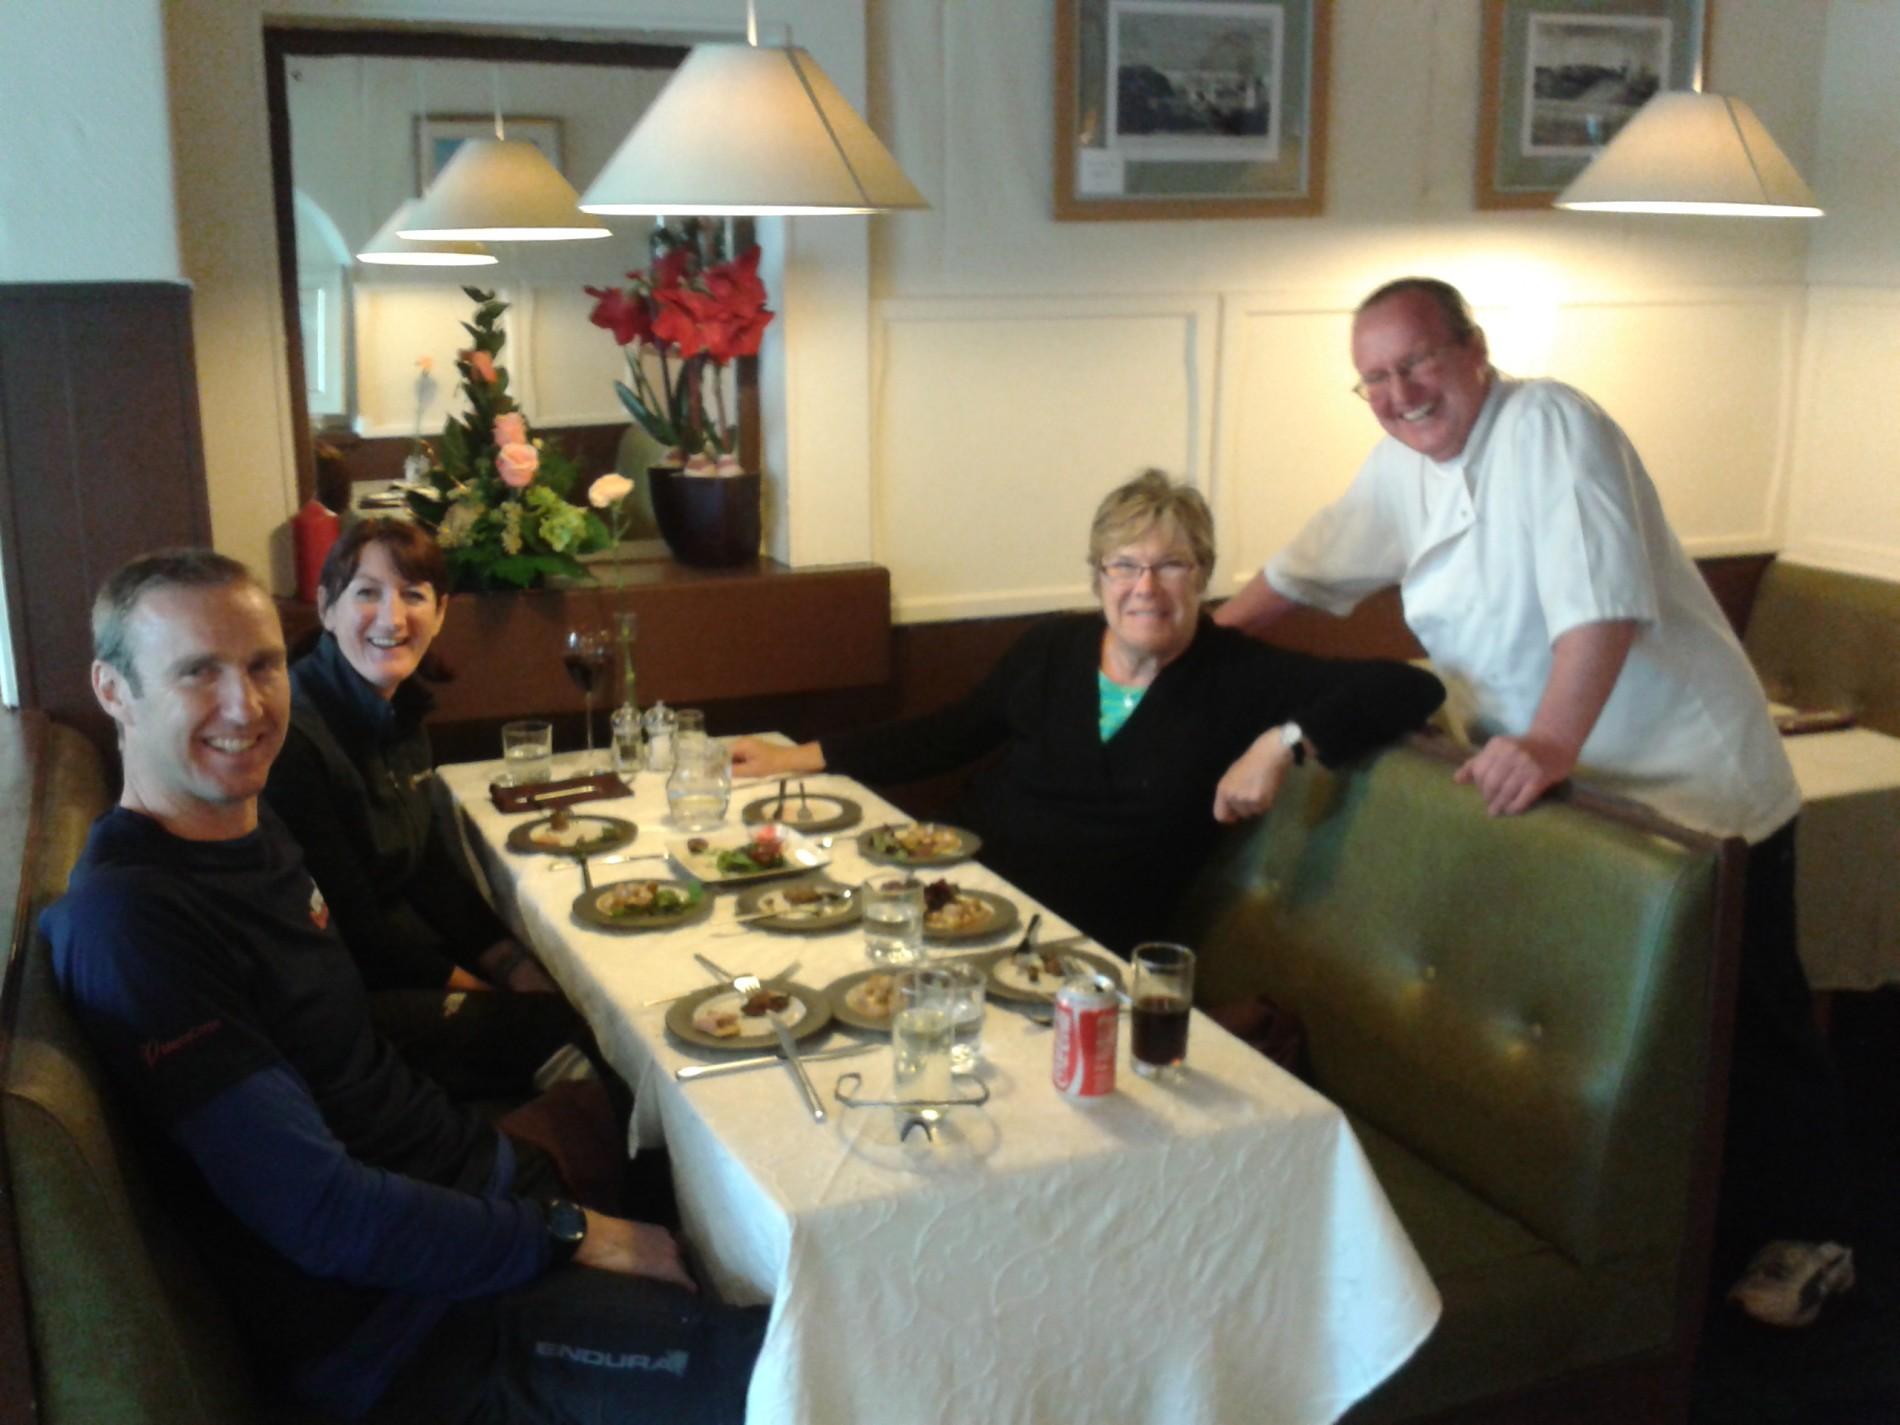 Dundrennan Tea Room